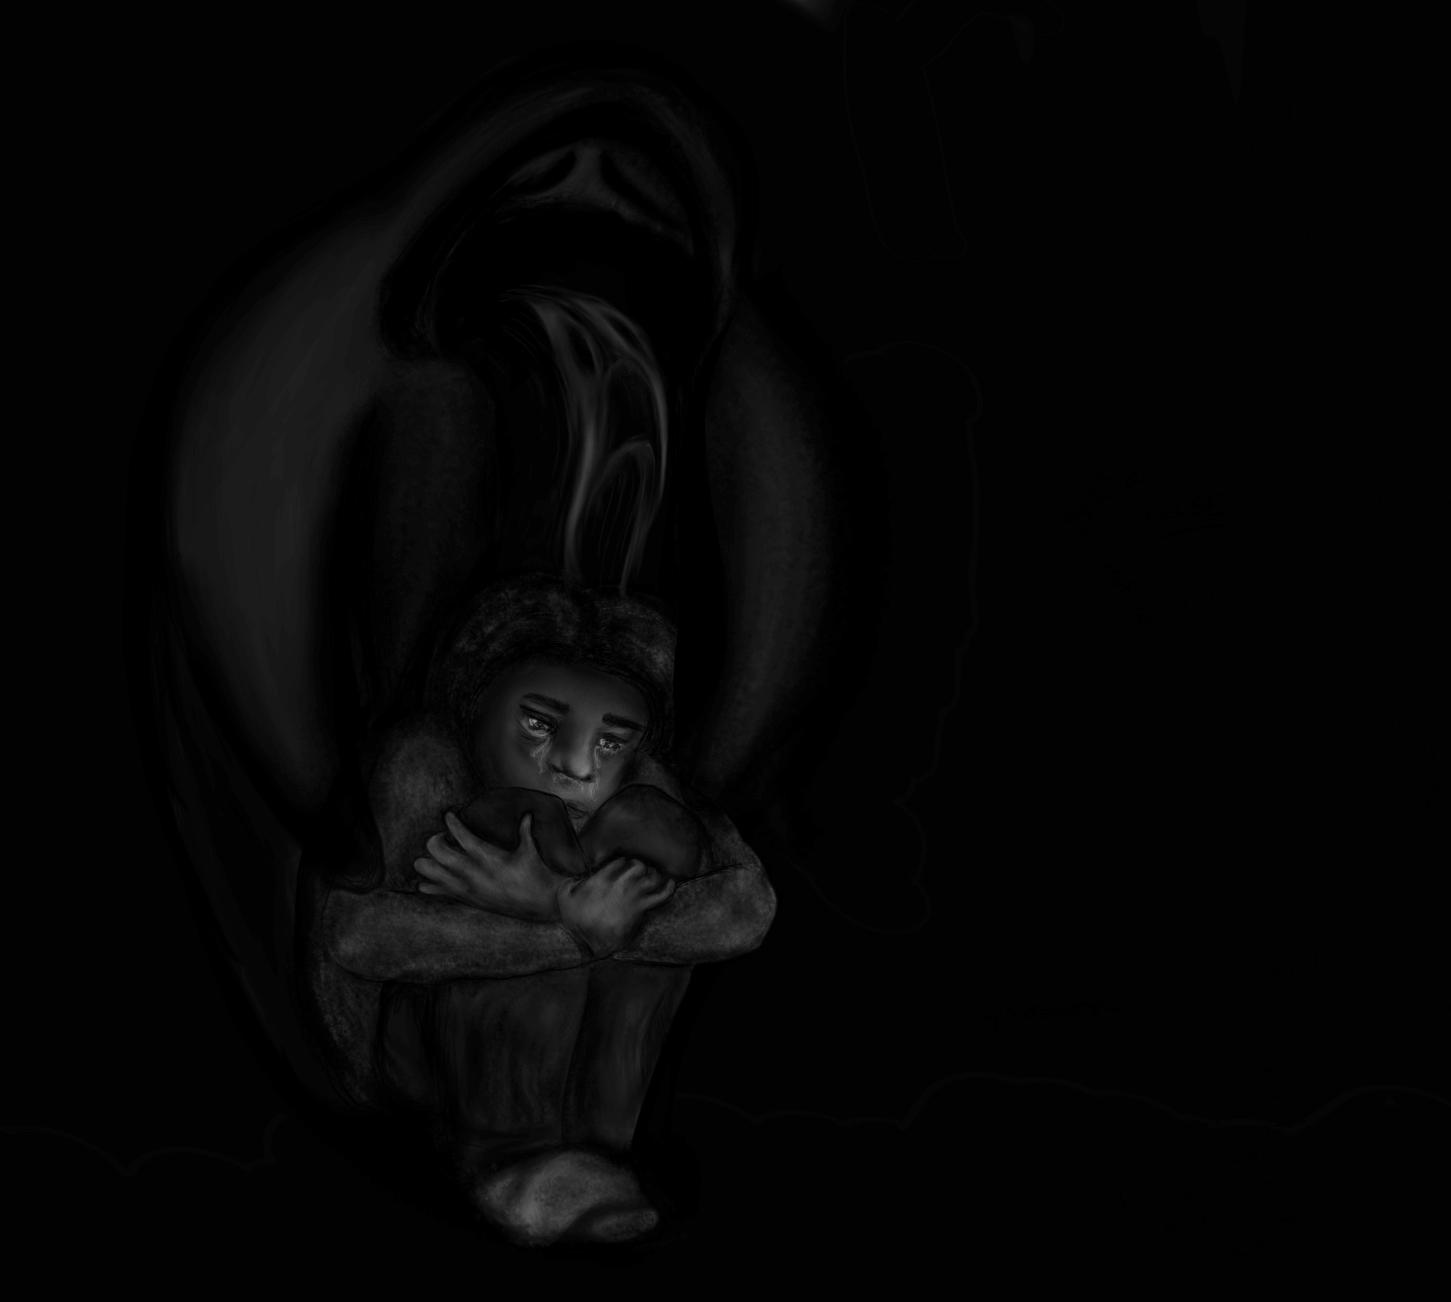 Demonofdespair